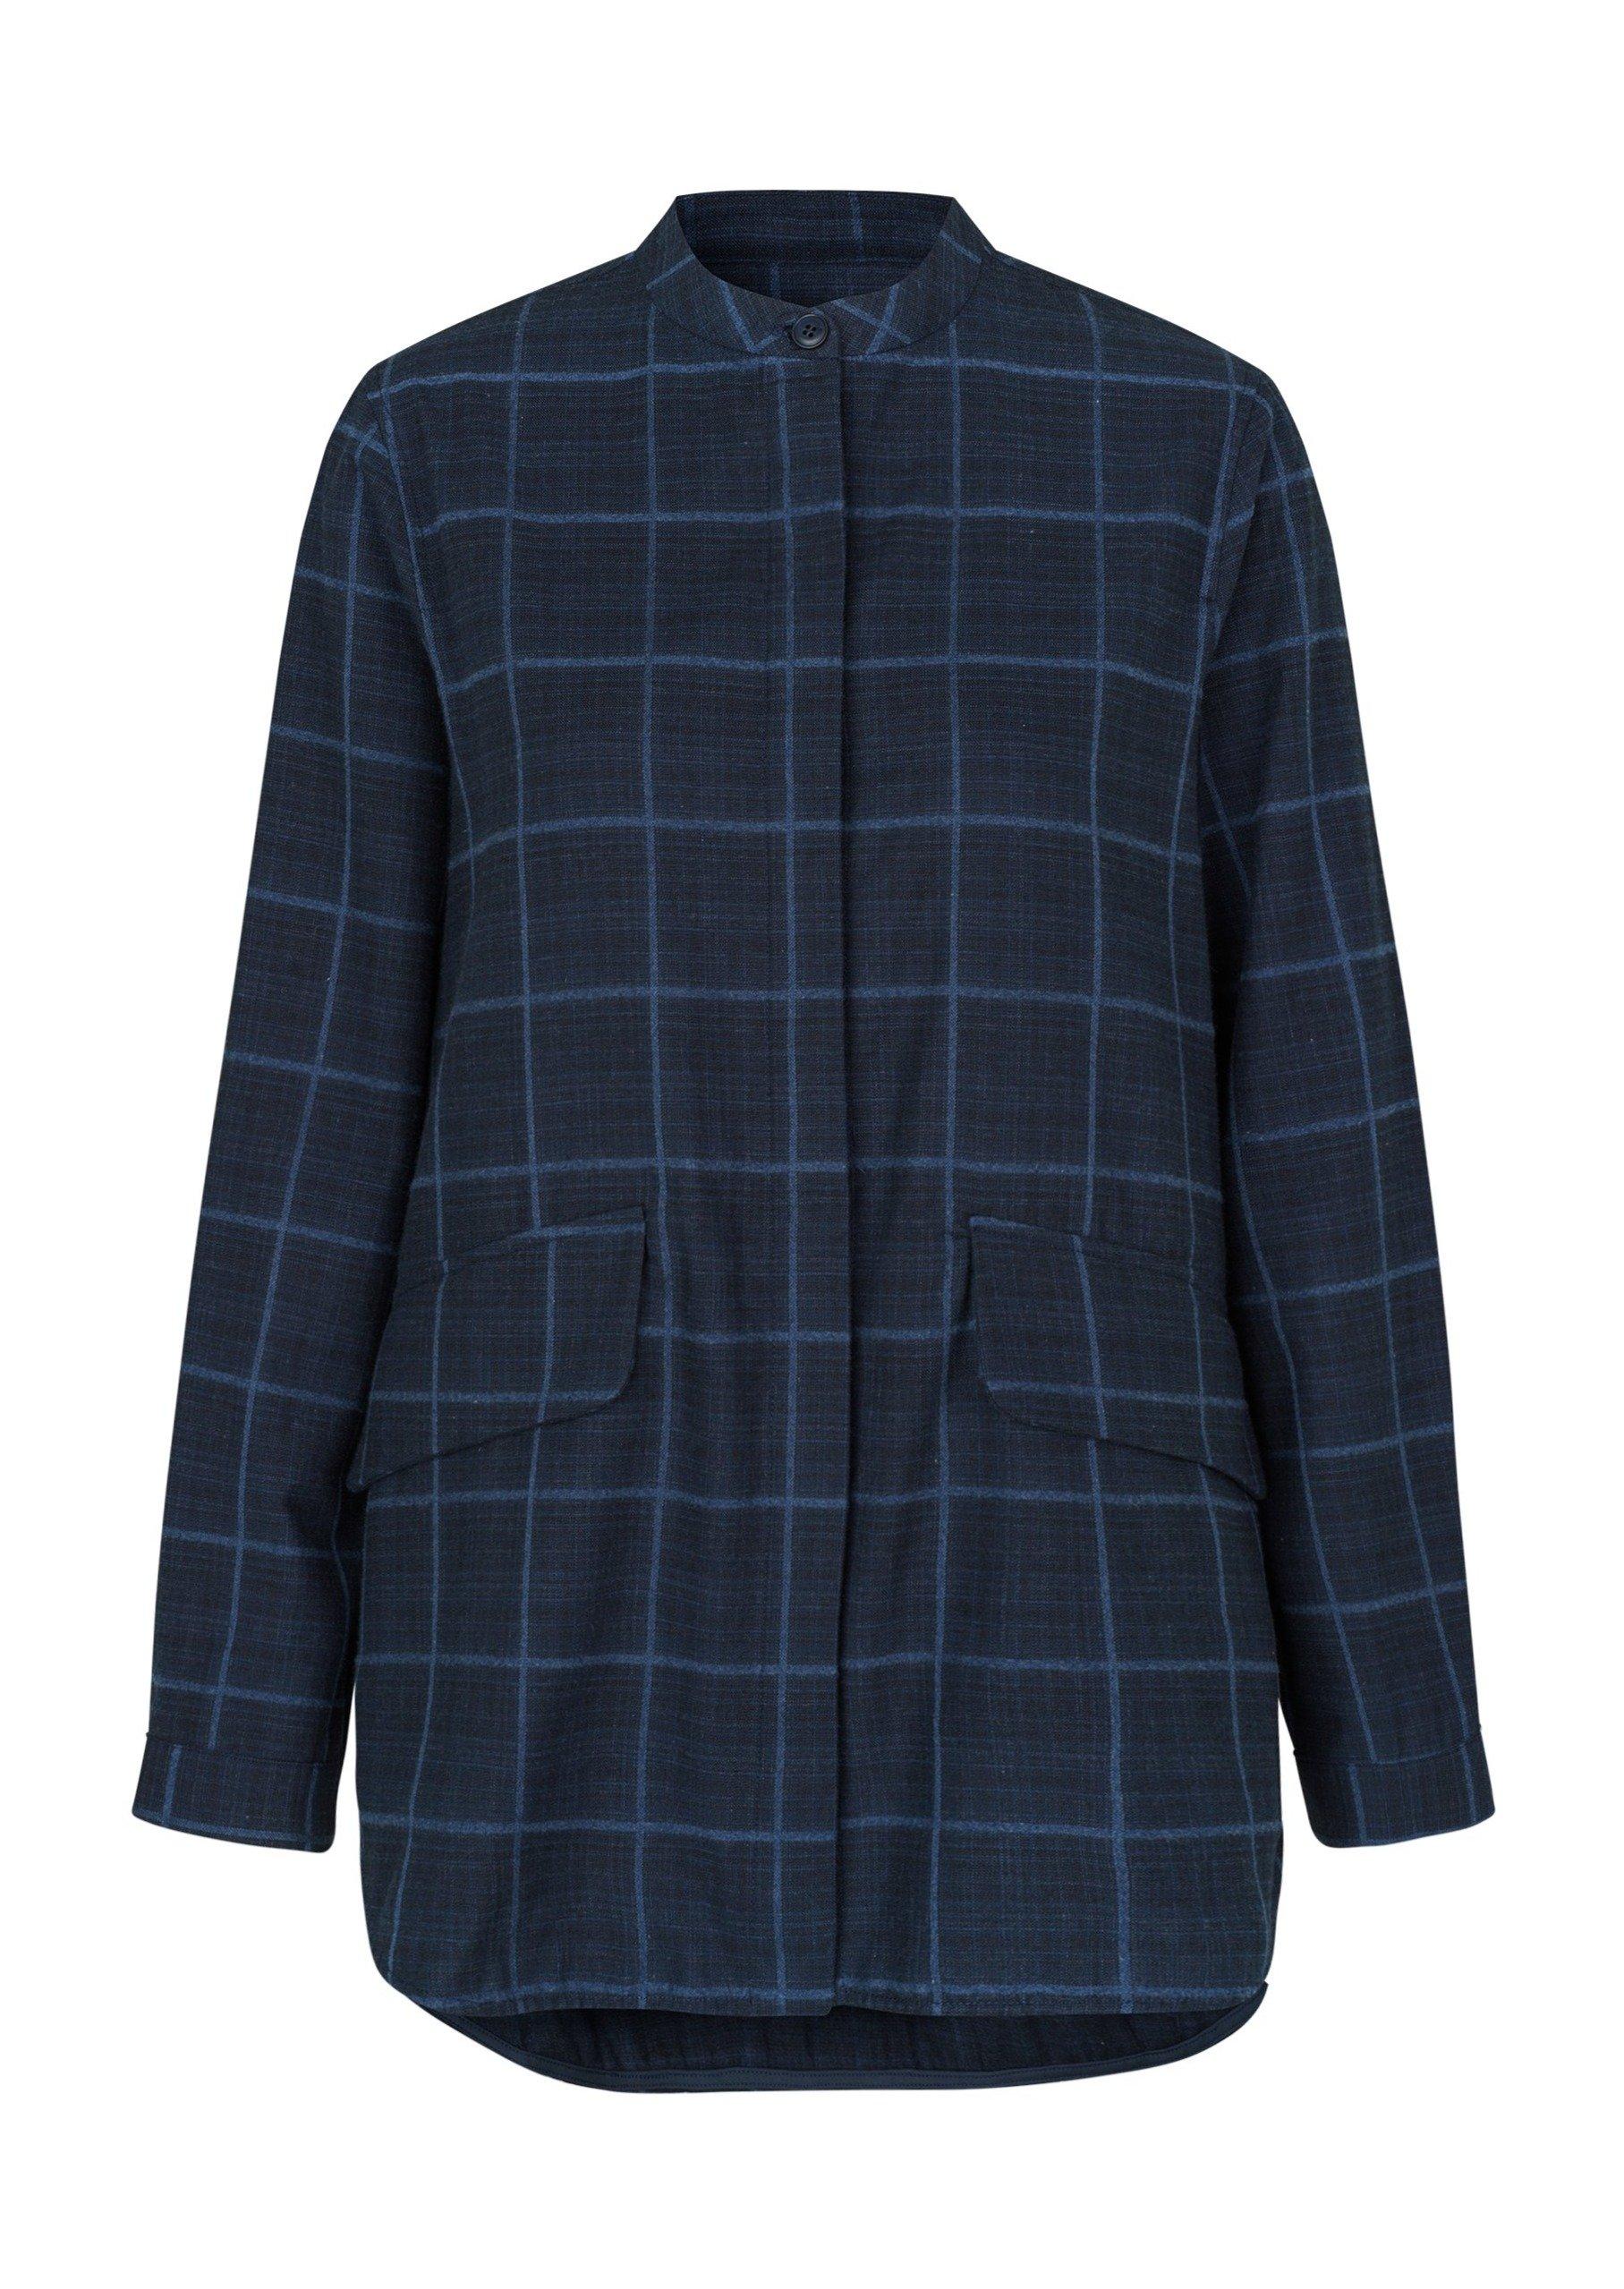 Shirt  jacket, Alise full card